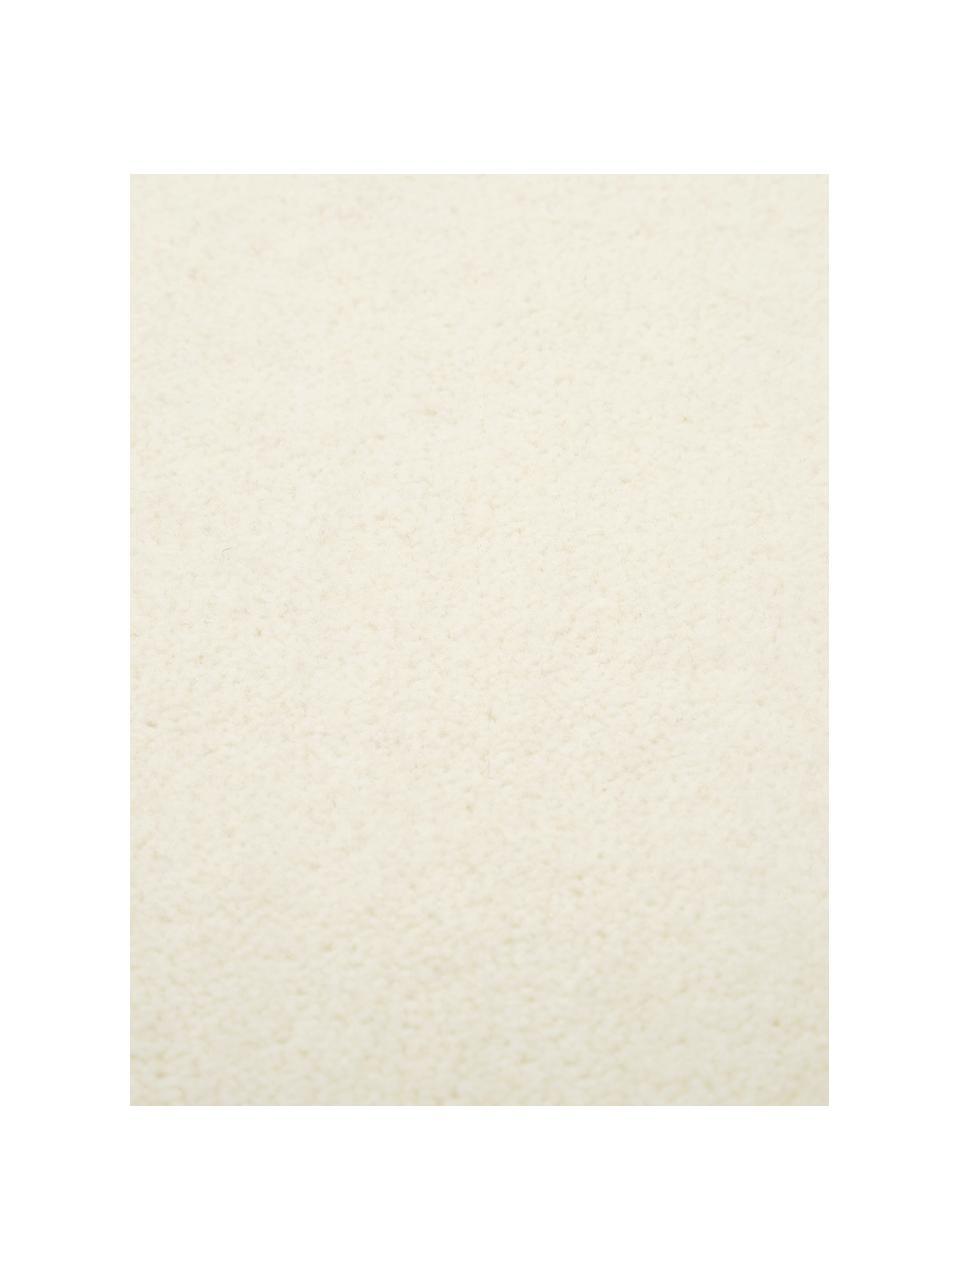 Wollteppich Ida in Beige, Flor: 100% Wolle, Beige, B 300 x L 400 cm (Größe XL)